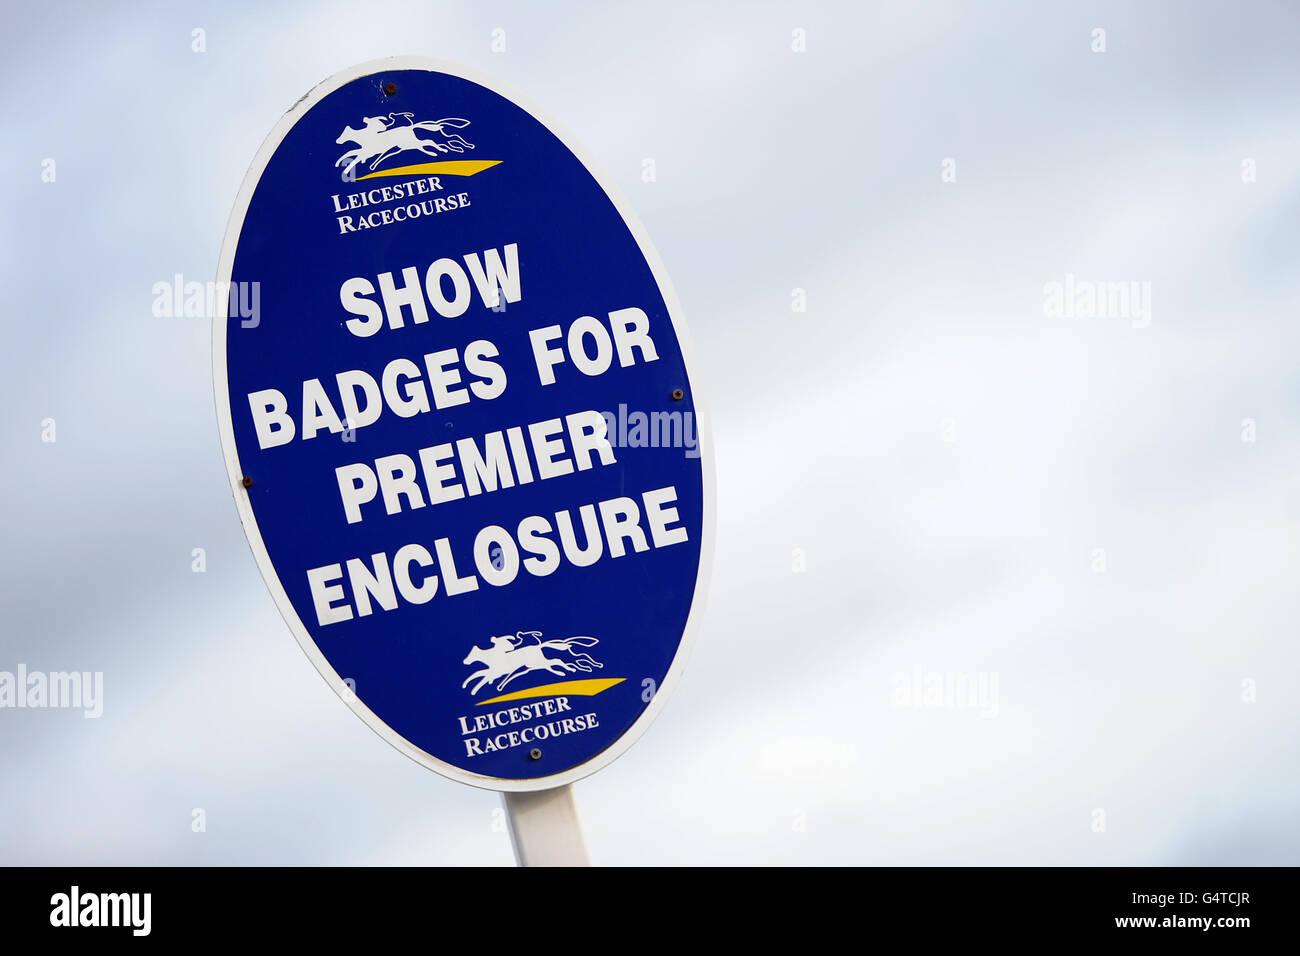 Horse Racing - Christmas Family Fun Day - Leicester Racecourse Stock Photo